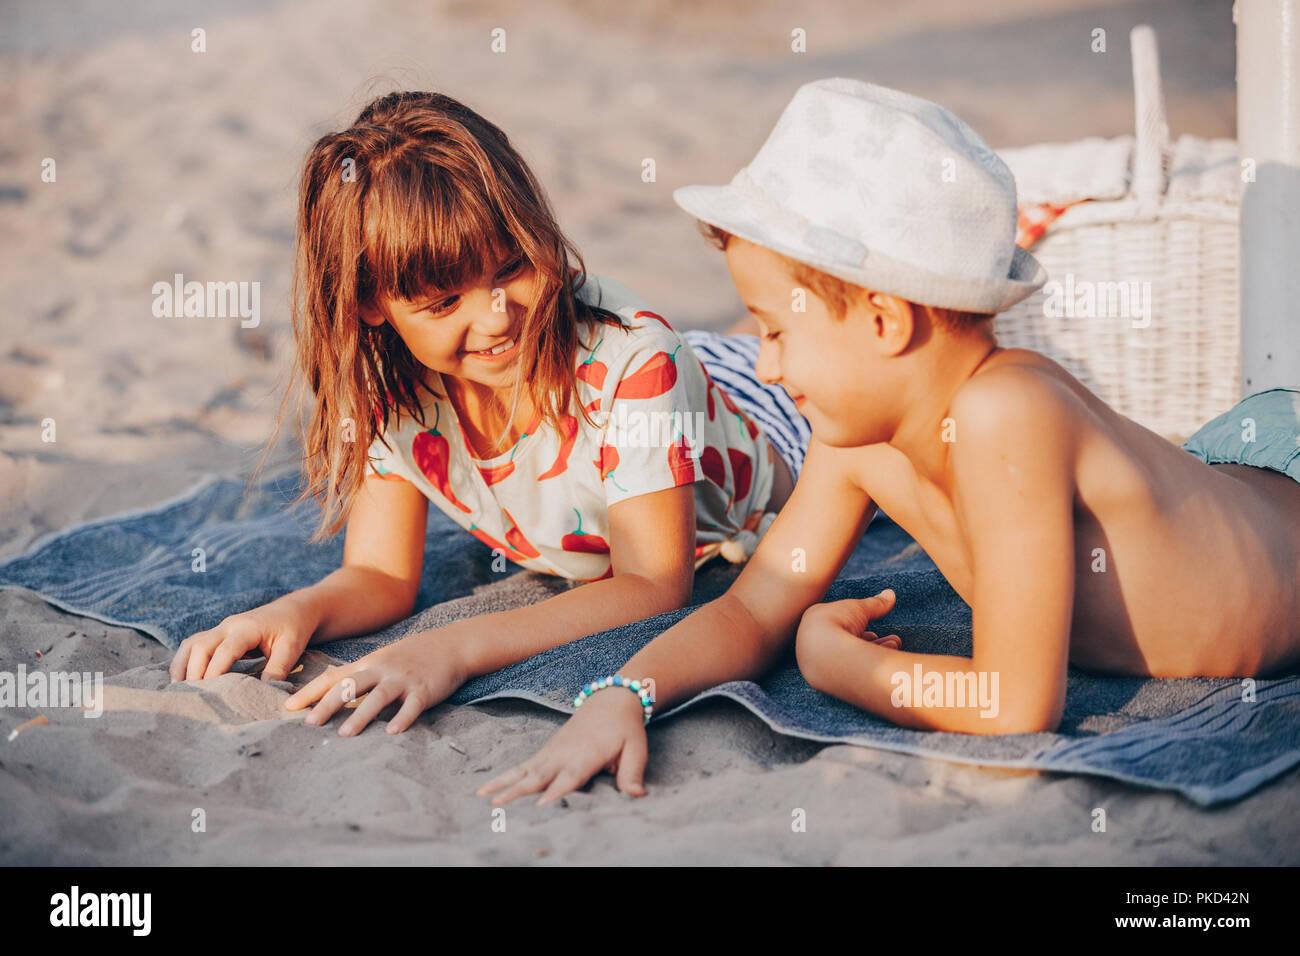 Felices los Niños positivos jugando mientras está acostada sobre una toalla en la playa. Vacaciones de verano y el concepto de estilo de vida saludable Imagen De Stock